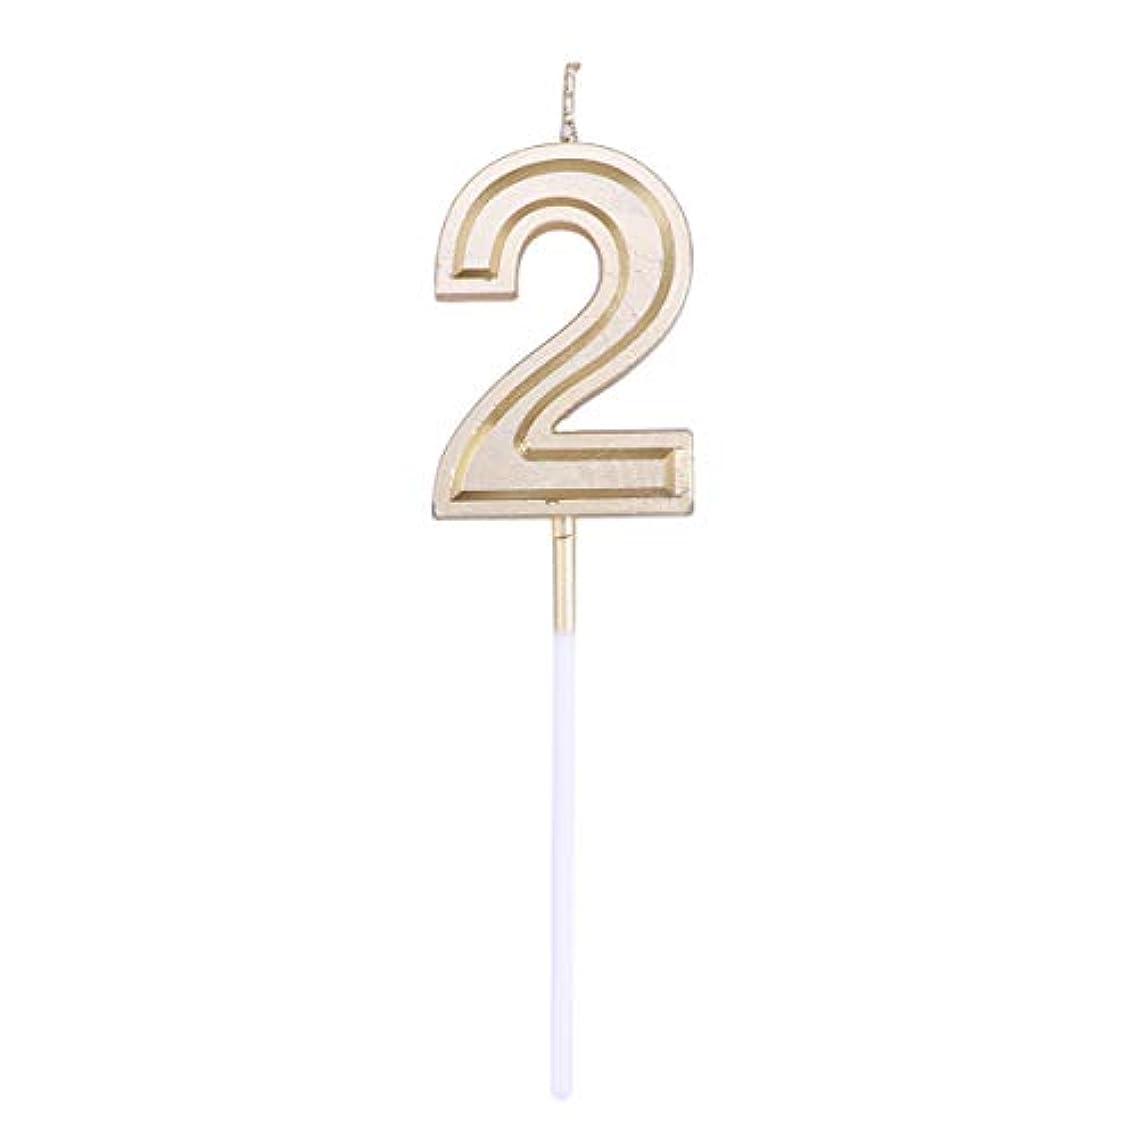 程度食料品店肯定的Toyvian ゴールドラメ誕生日おめでとう数字キャンドル番号キャンドルケーキトッパー装飾用大人キッズパーティー(ナンバー2)